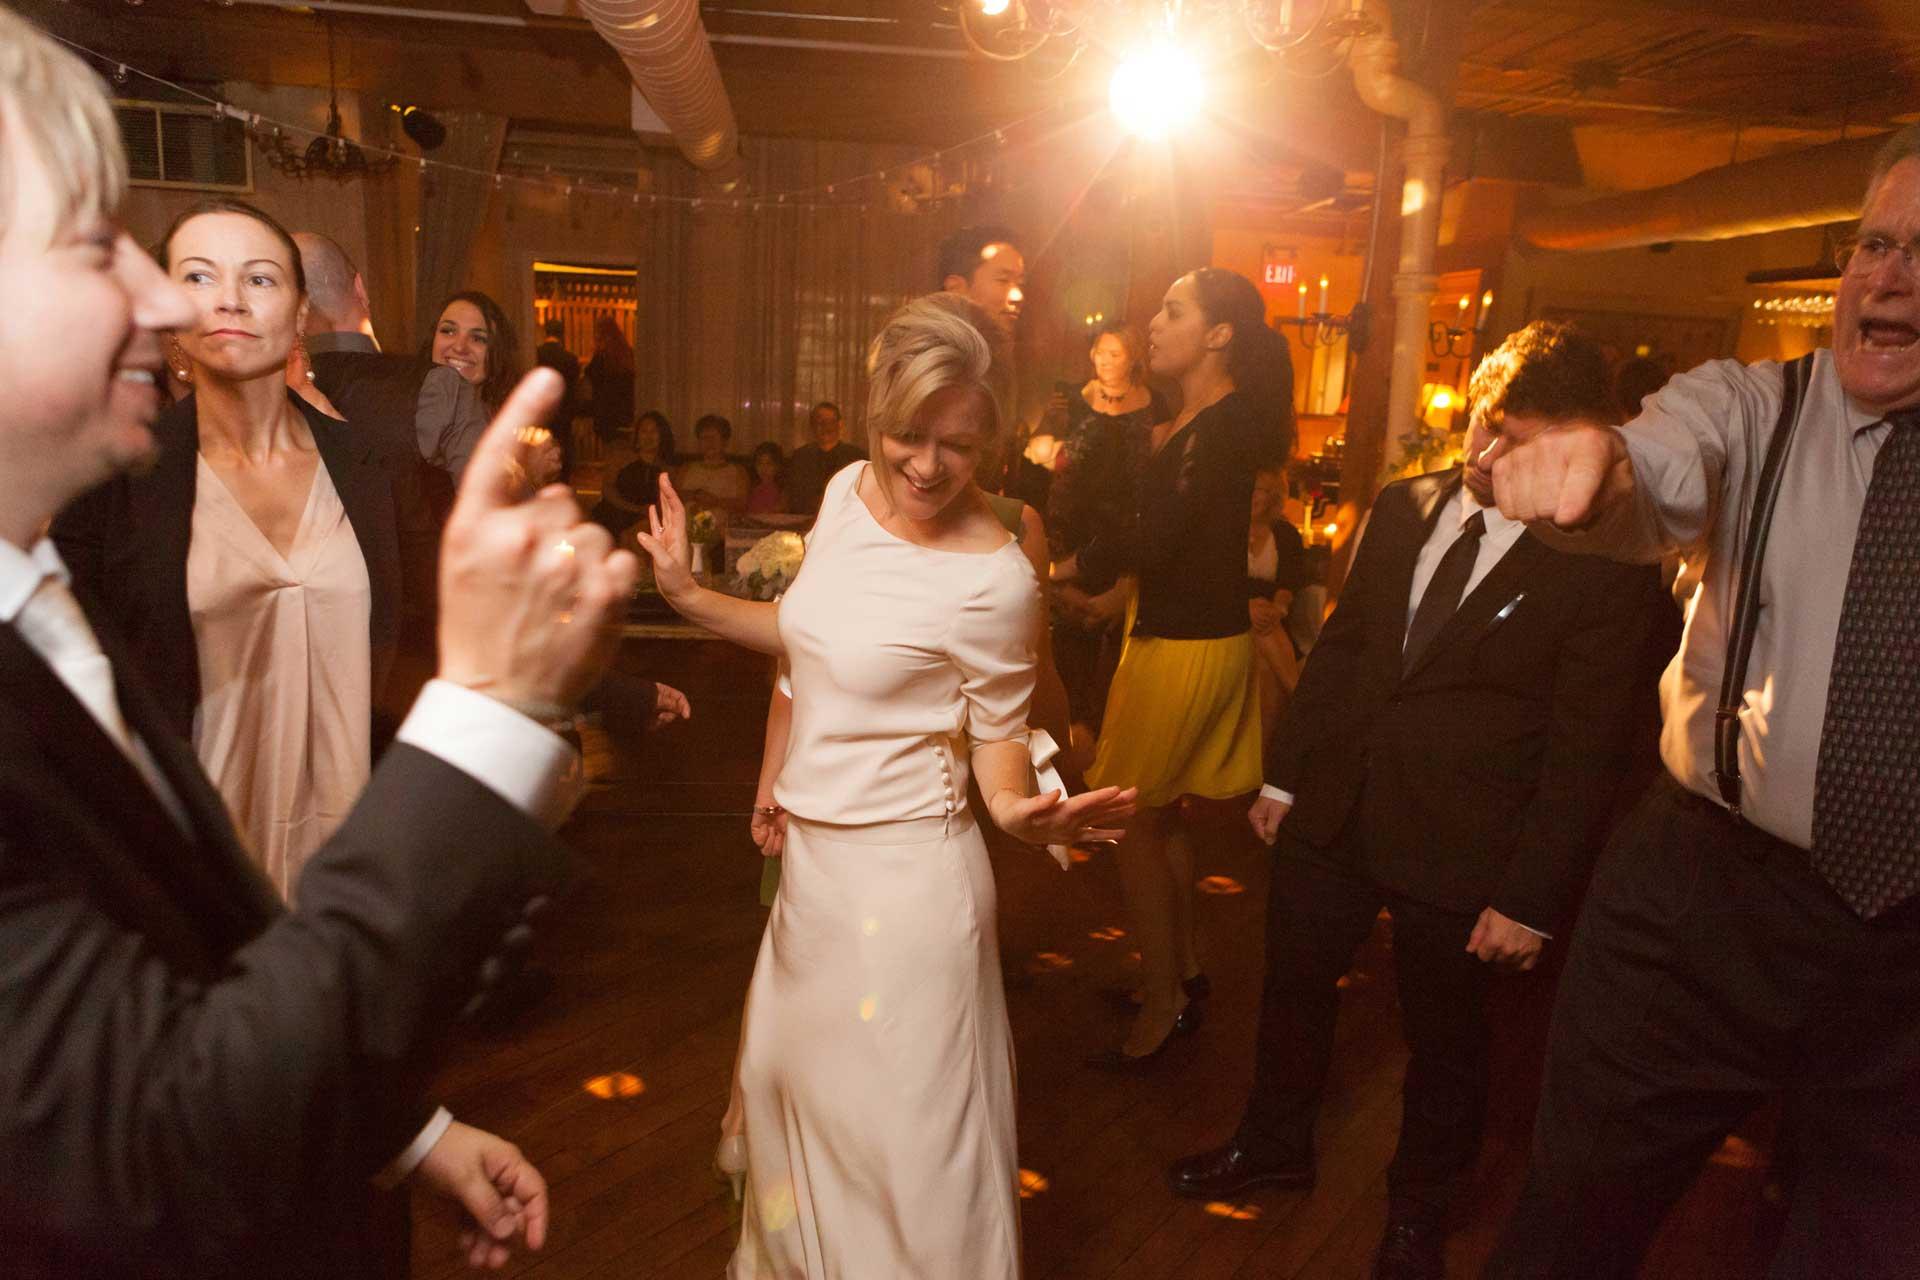 Unique Wedding Venues Toronto - Wedding Reception - Wedding Dance